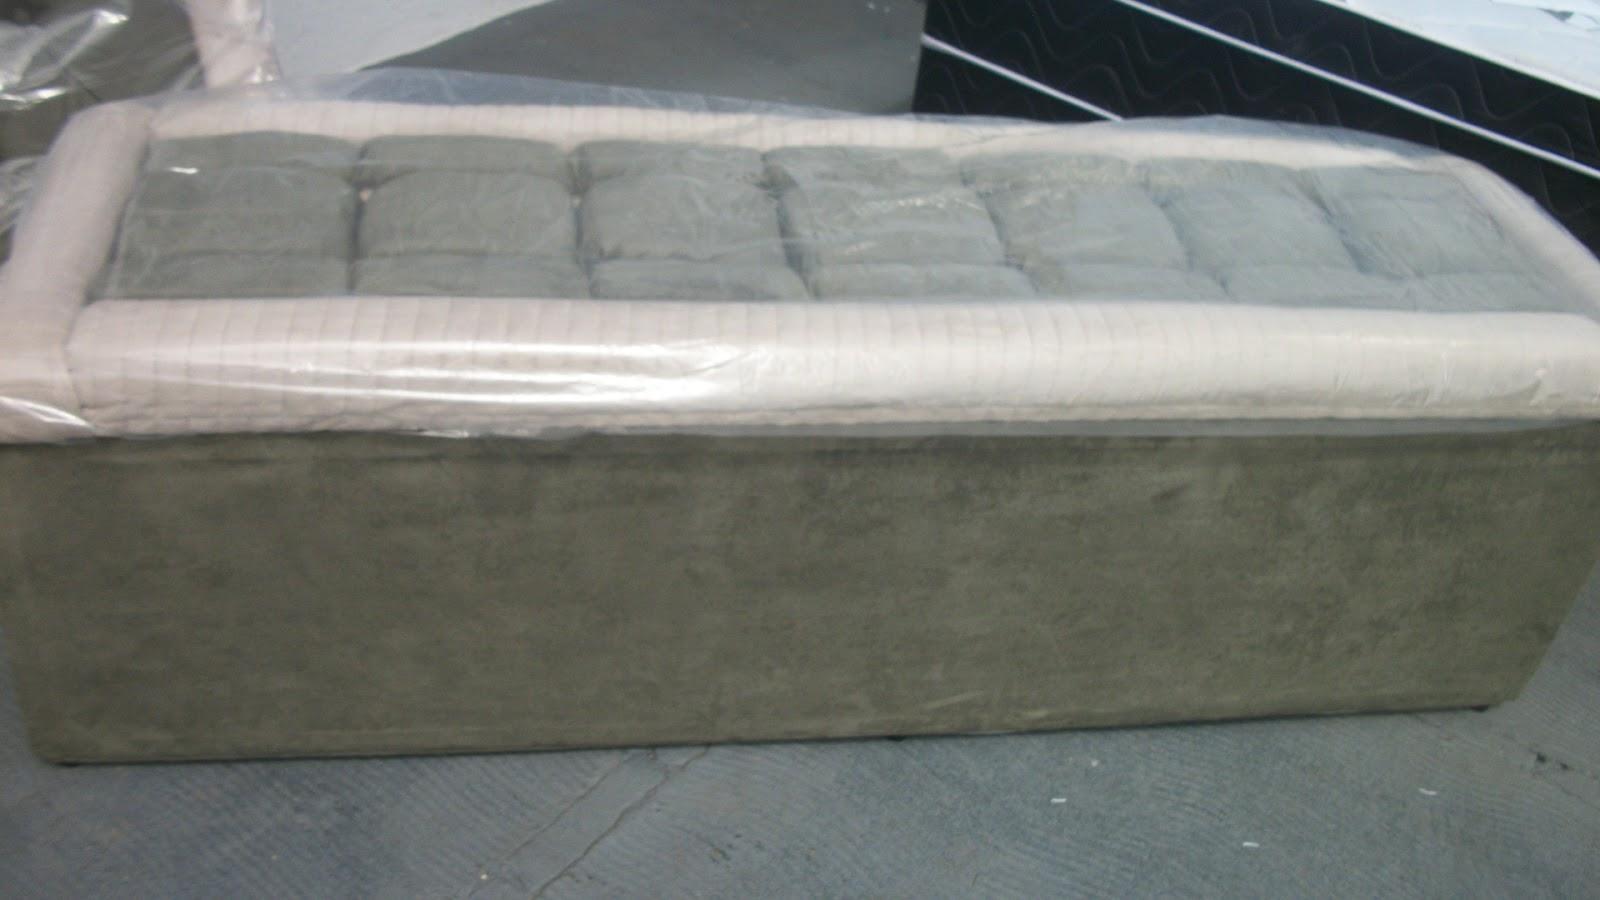 Loja De Fabrica Sofa E Colchoes Porangaba Best Manufacturers Canada Colchões Box Sofás Recamier Cabesseiras